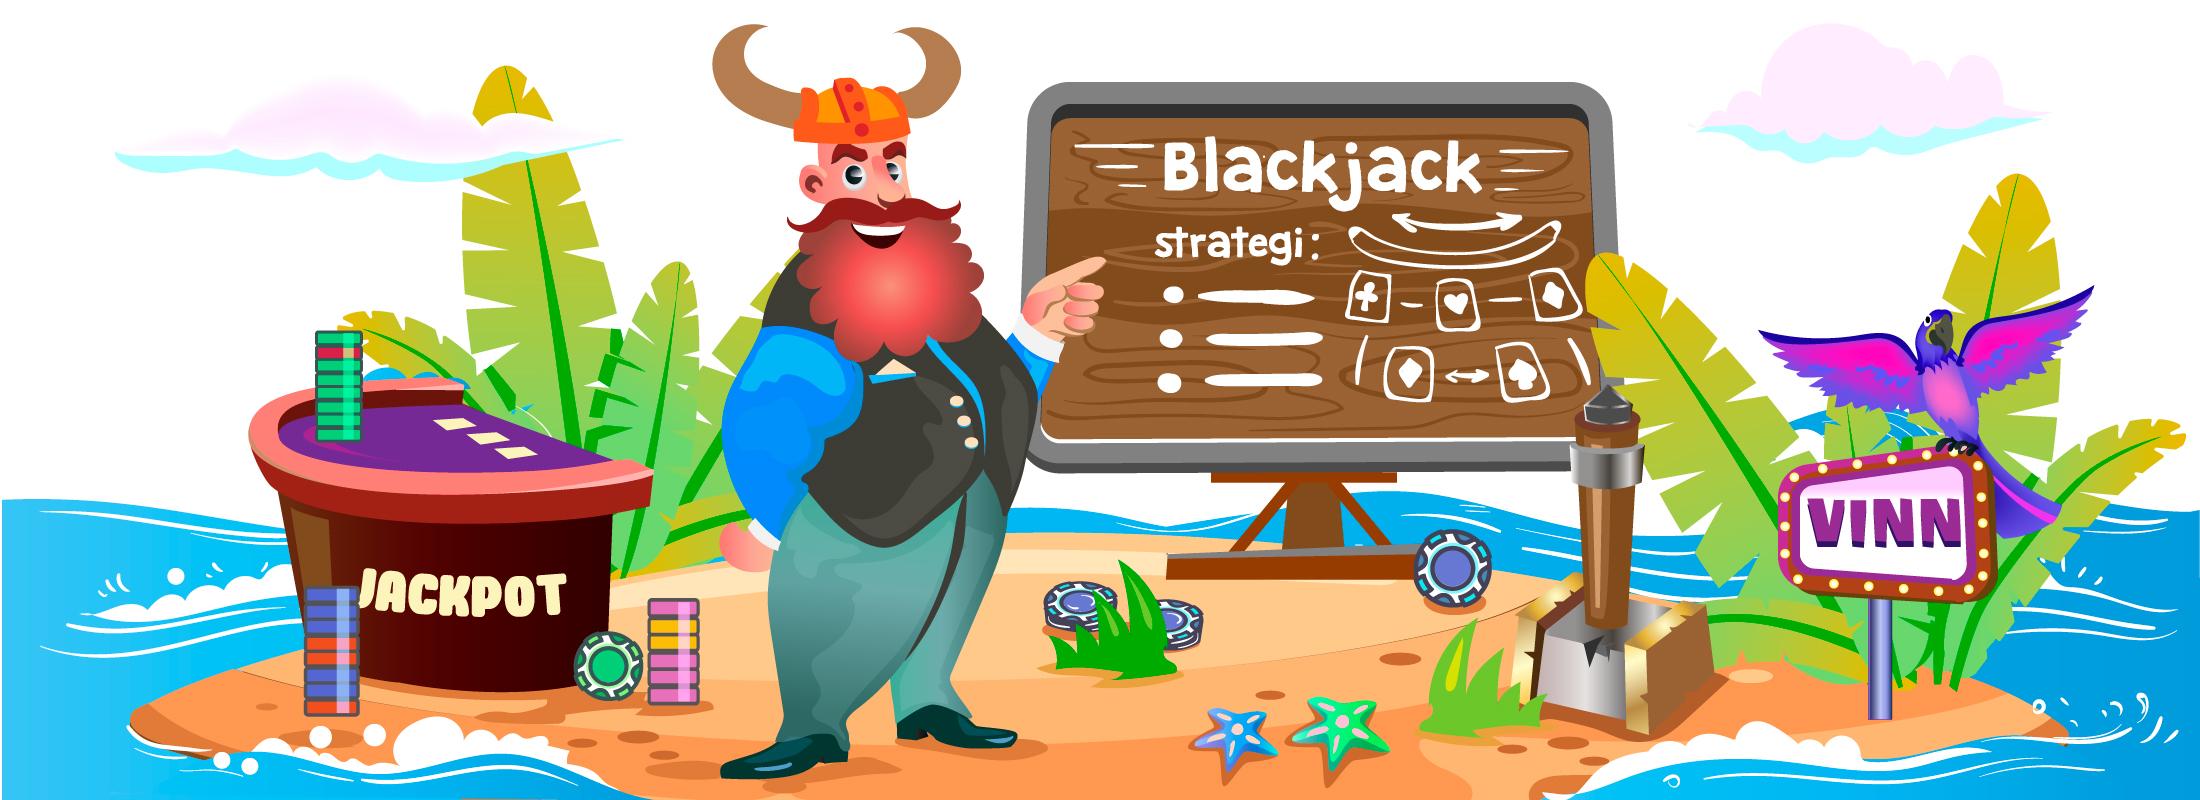 Kurs 4: Blackjack